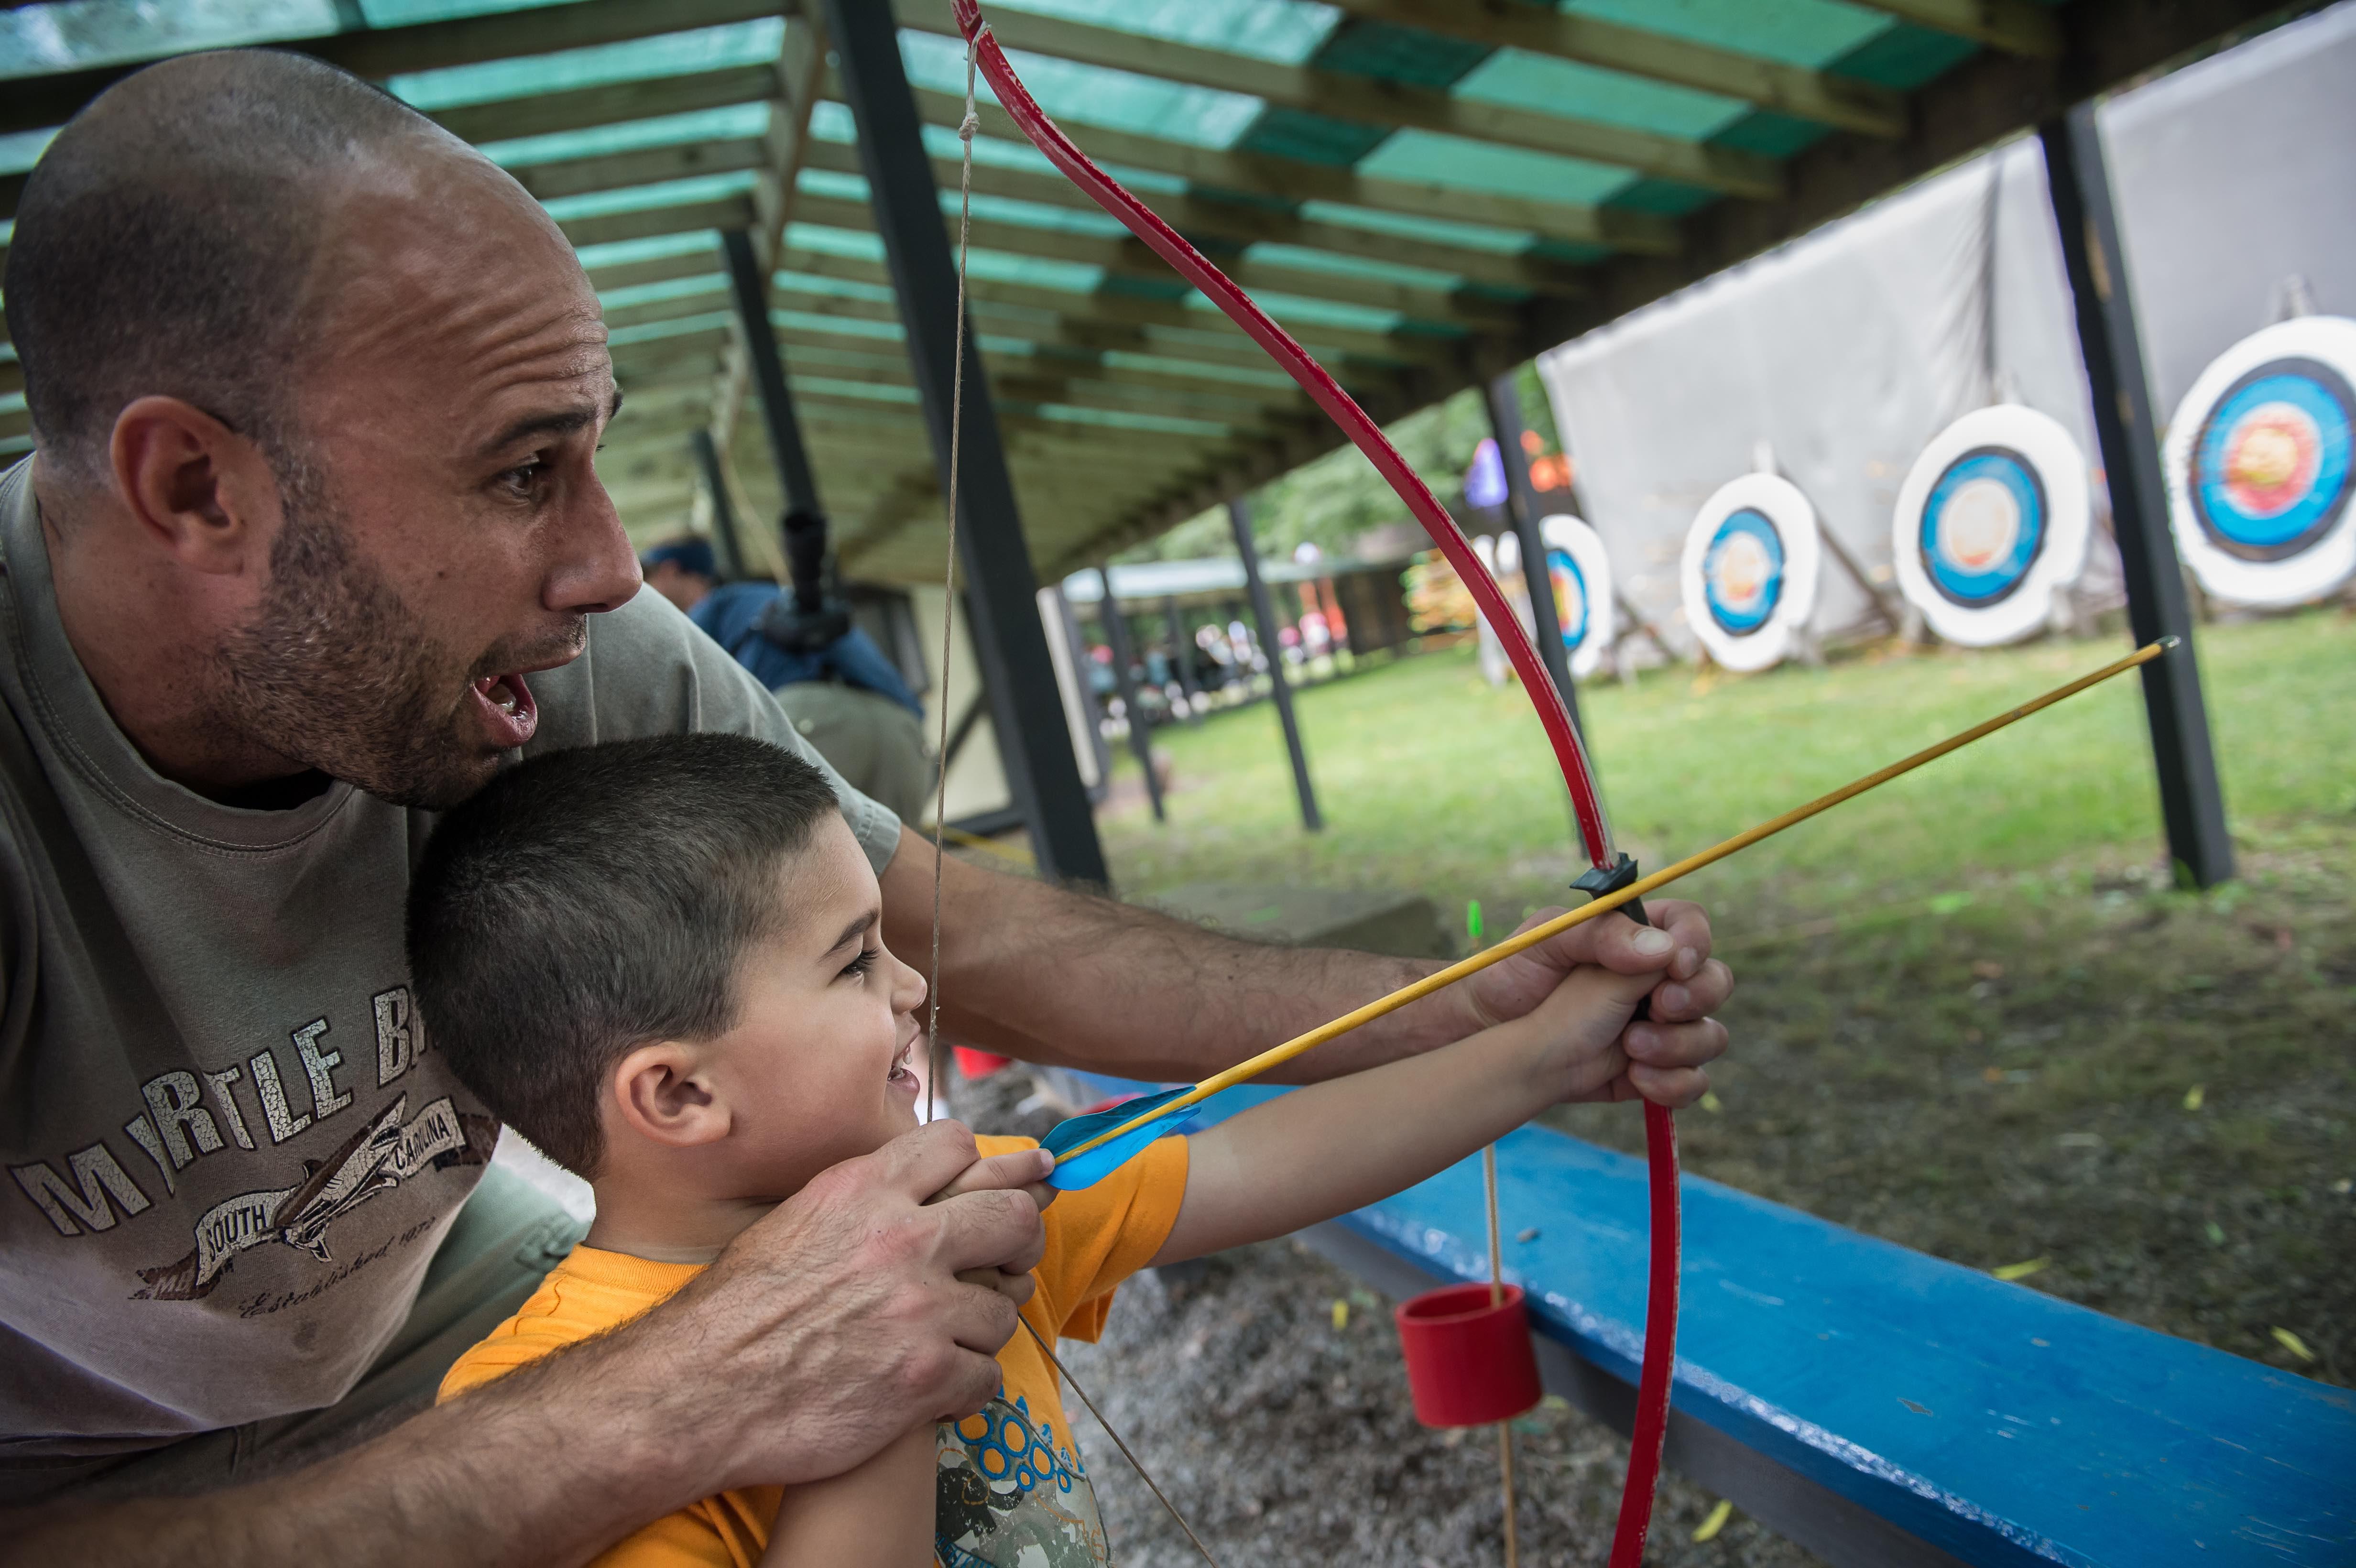 Family Friendly Kids archery